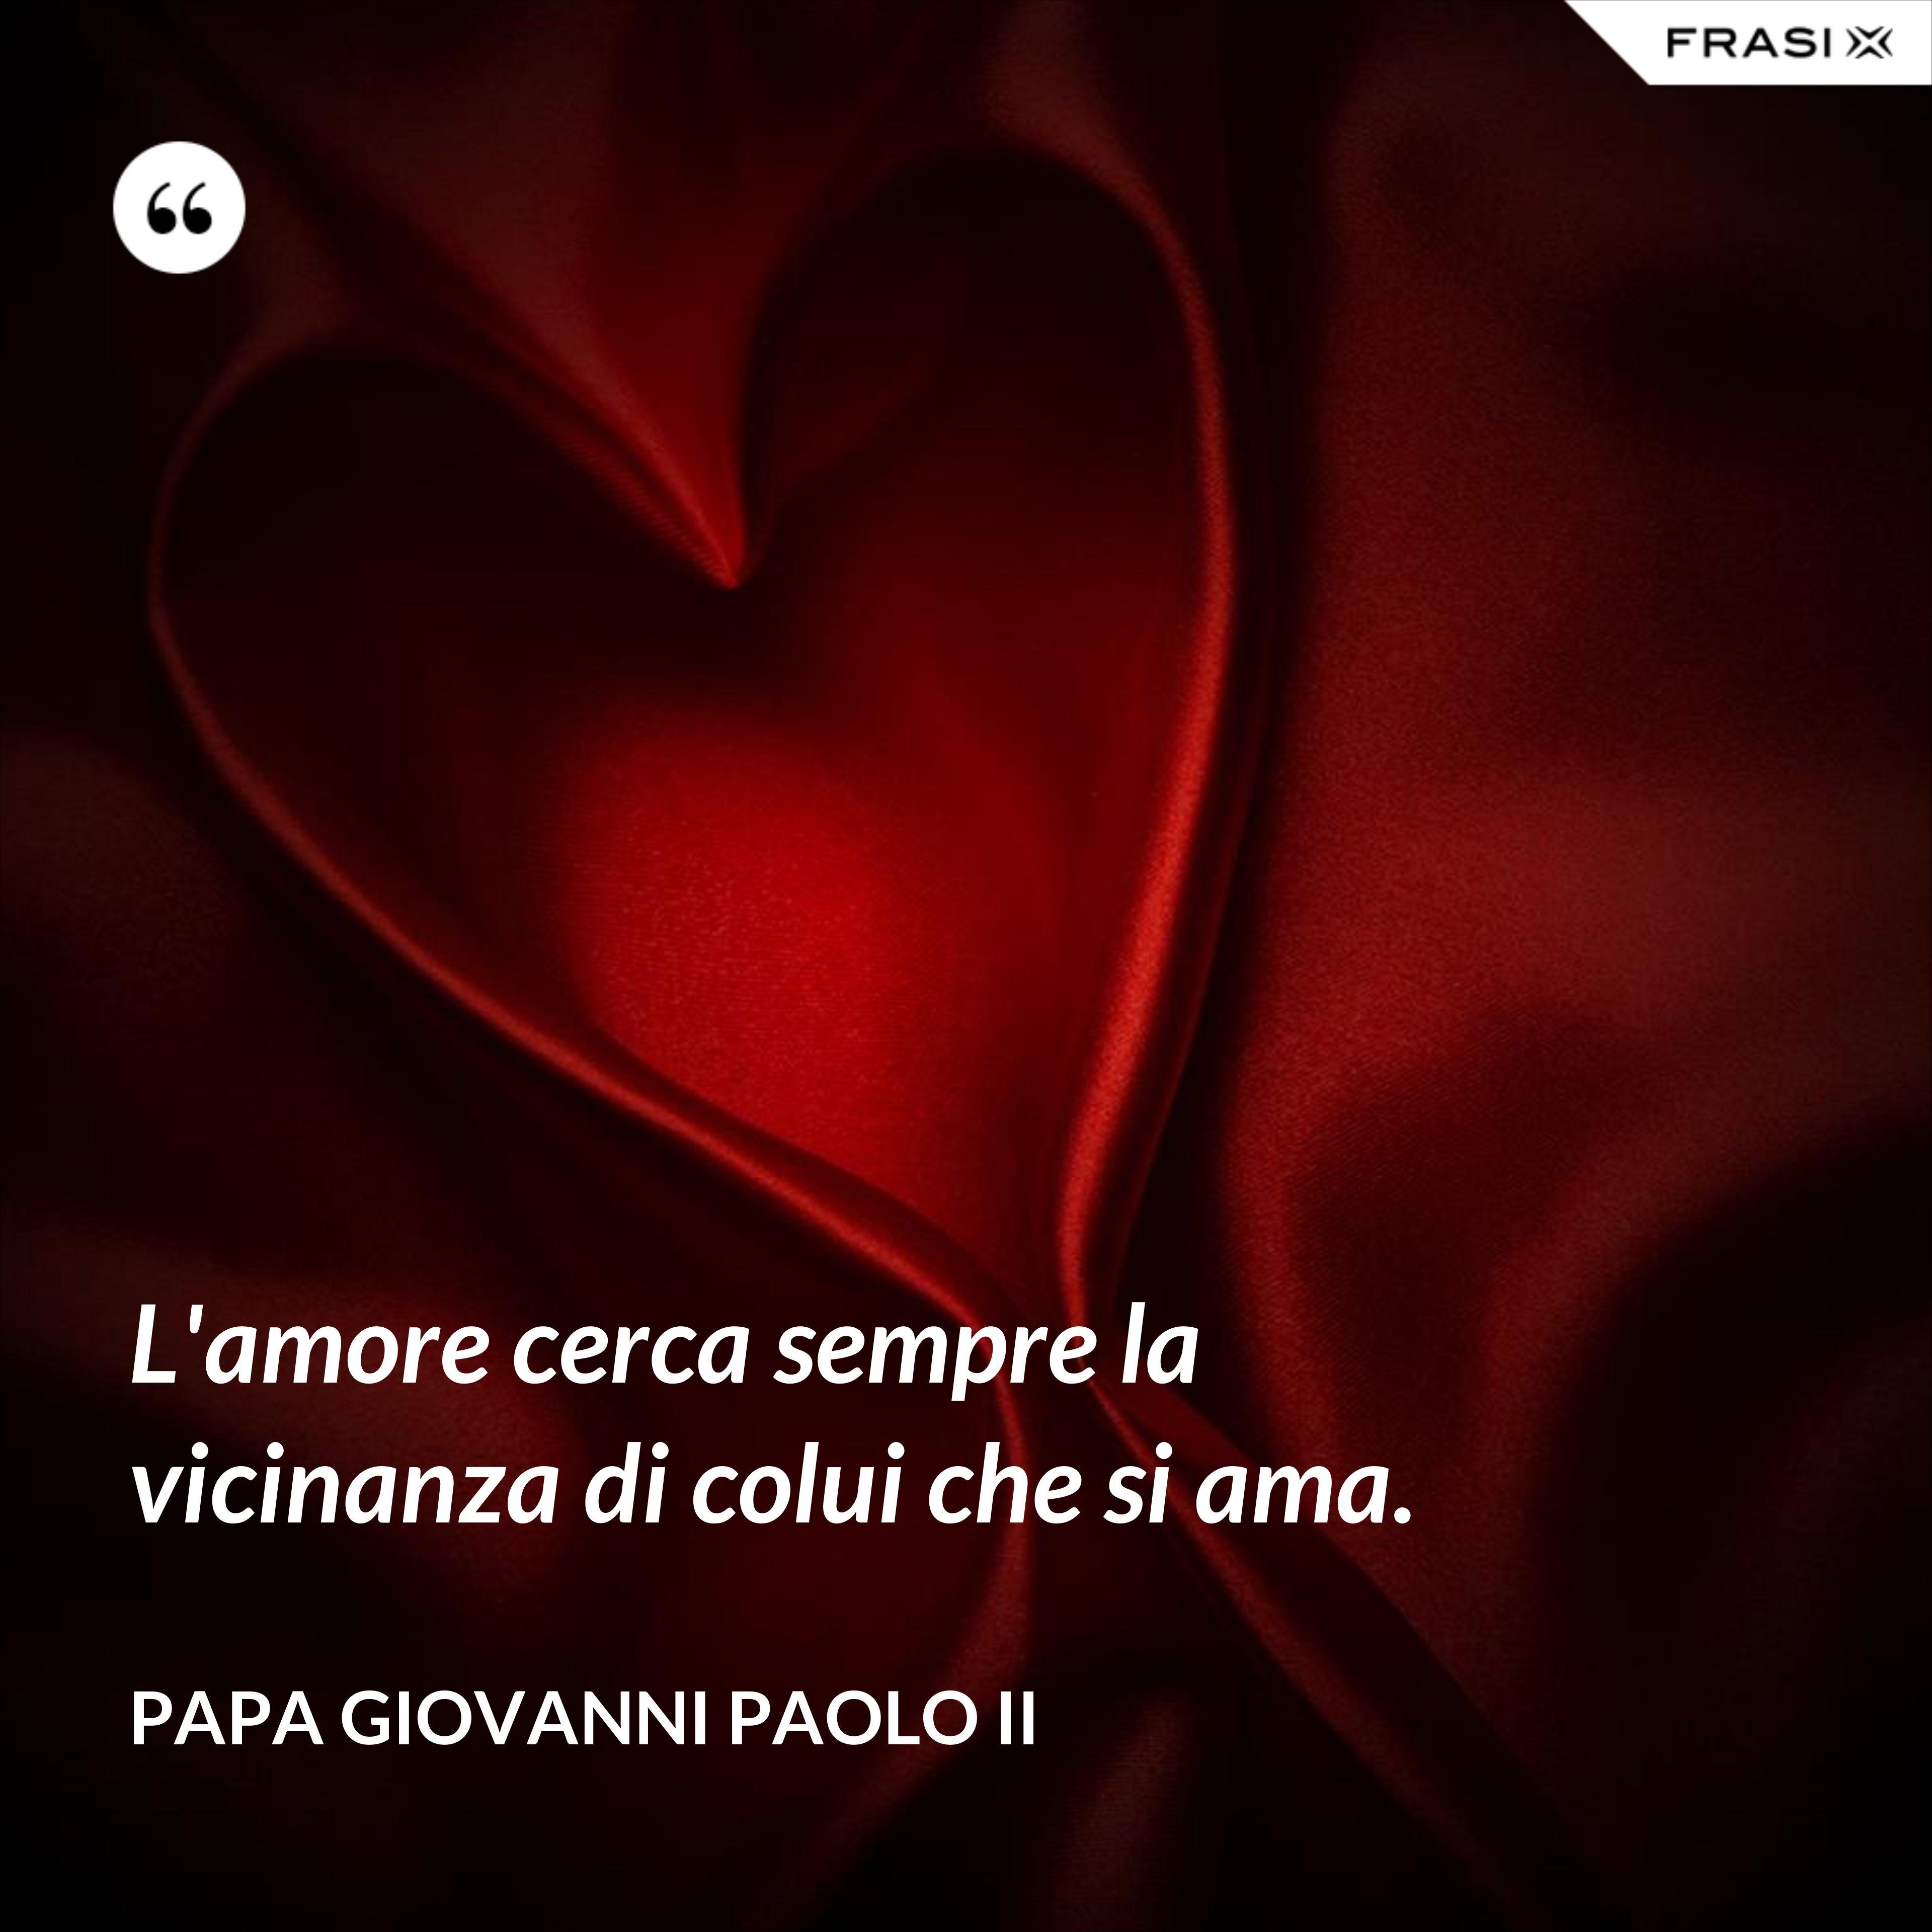 L'amore cerca sempre la vicinanza di colui che si ama. - Papa Giovanni Paolo II